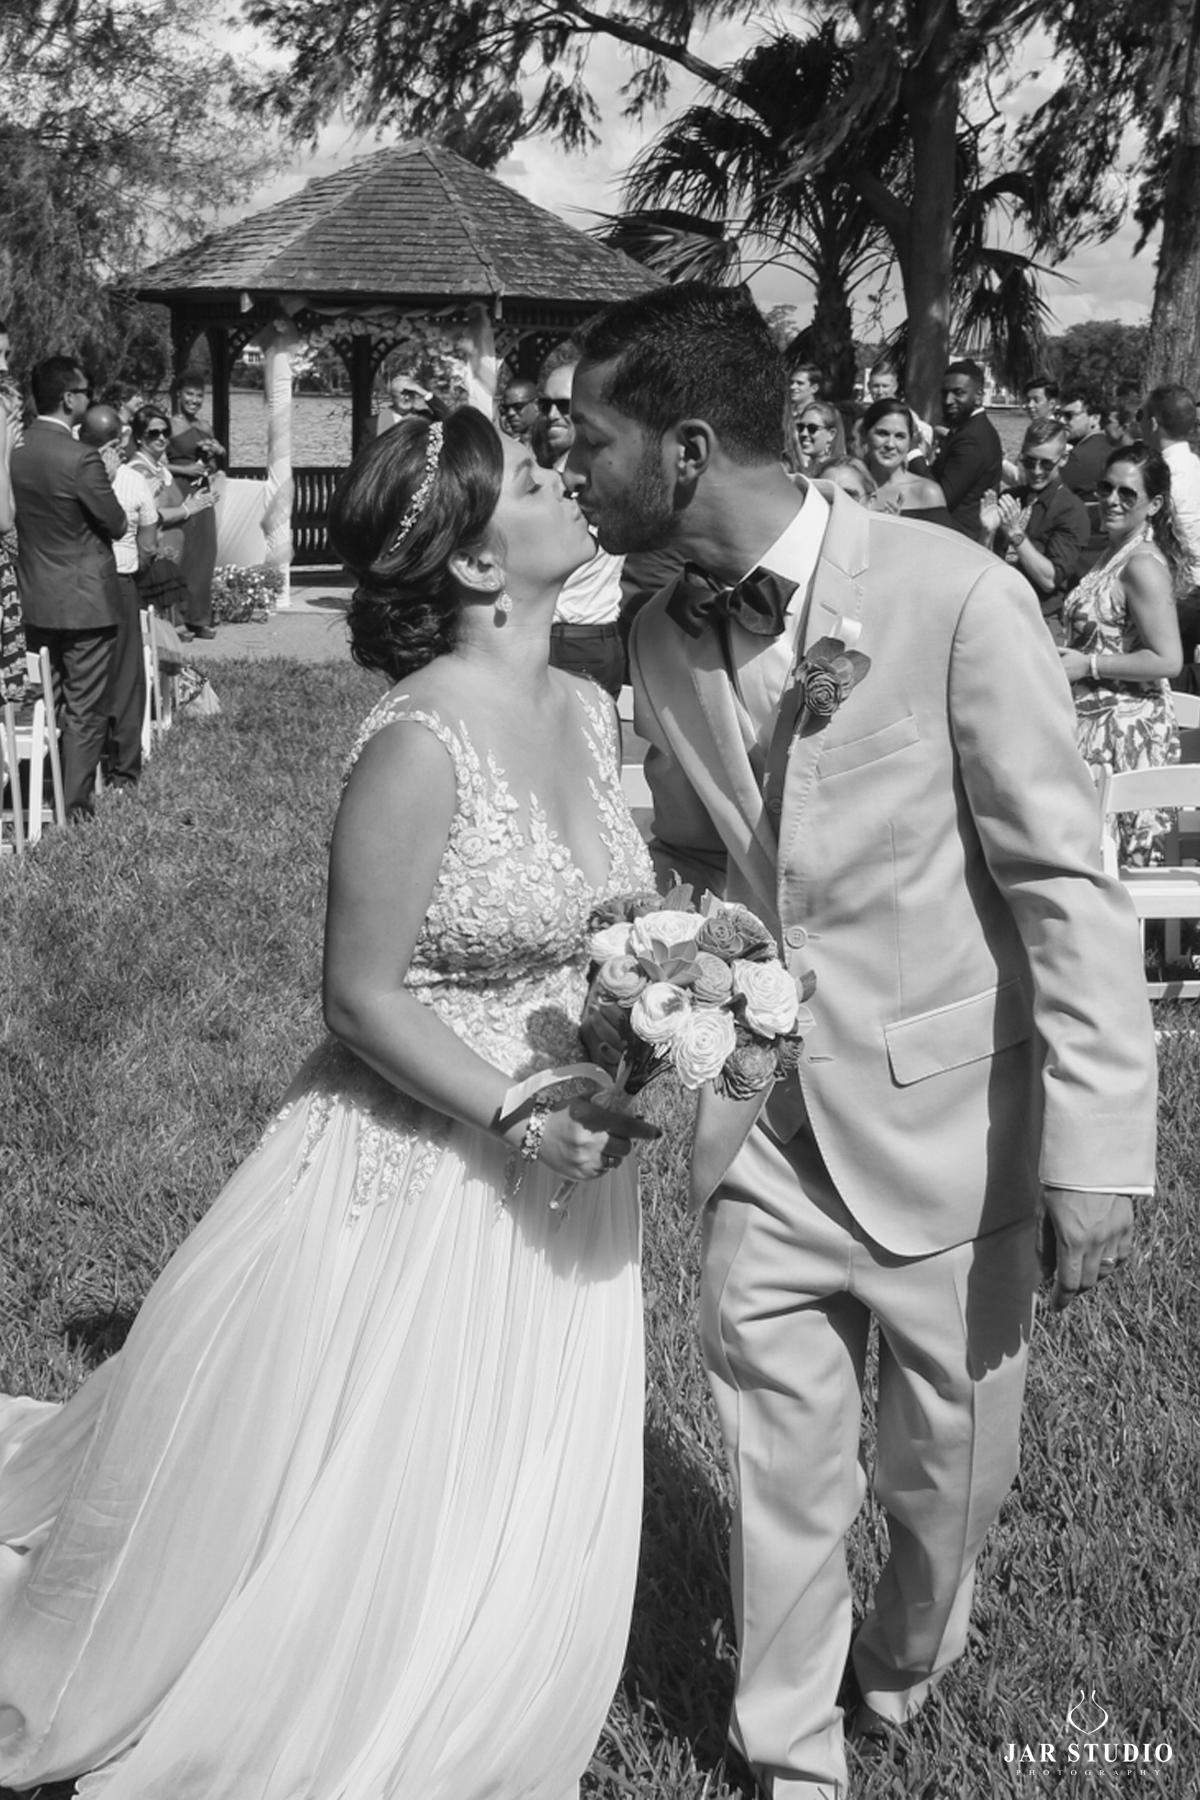 jarstudio-wedding-photographer-185.JPG